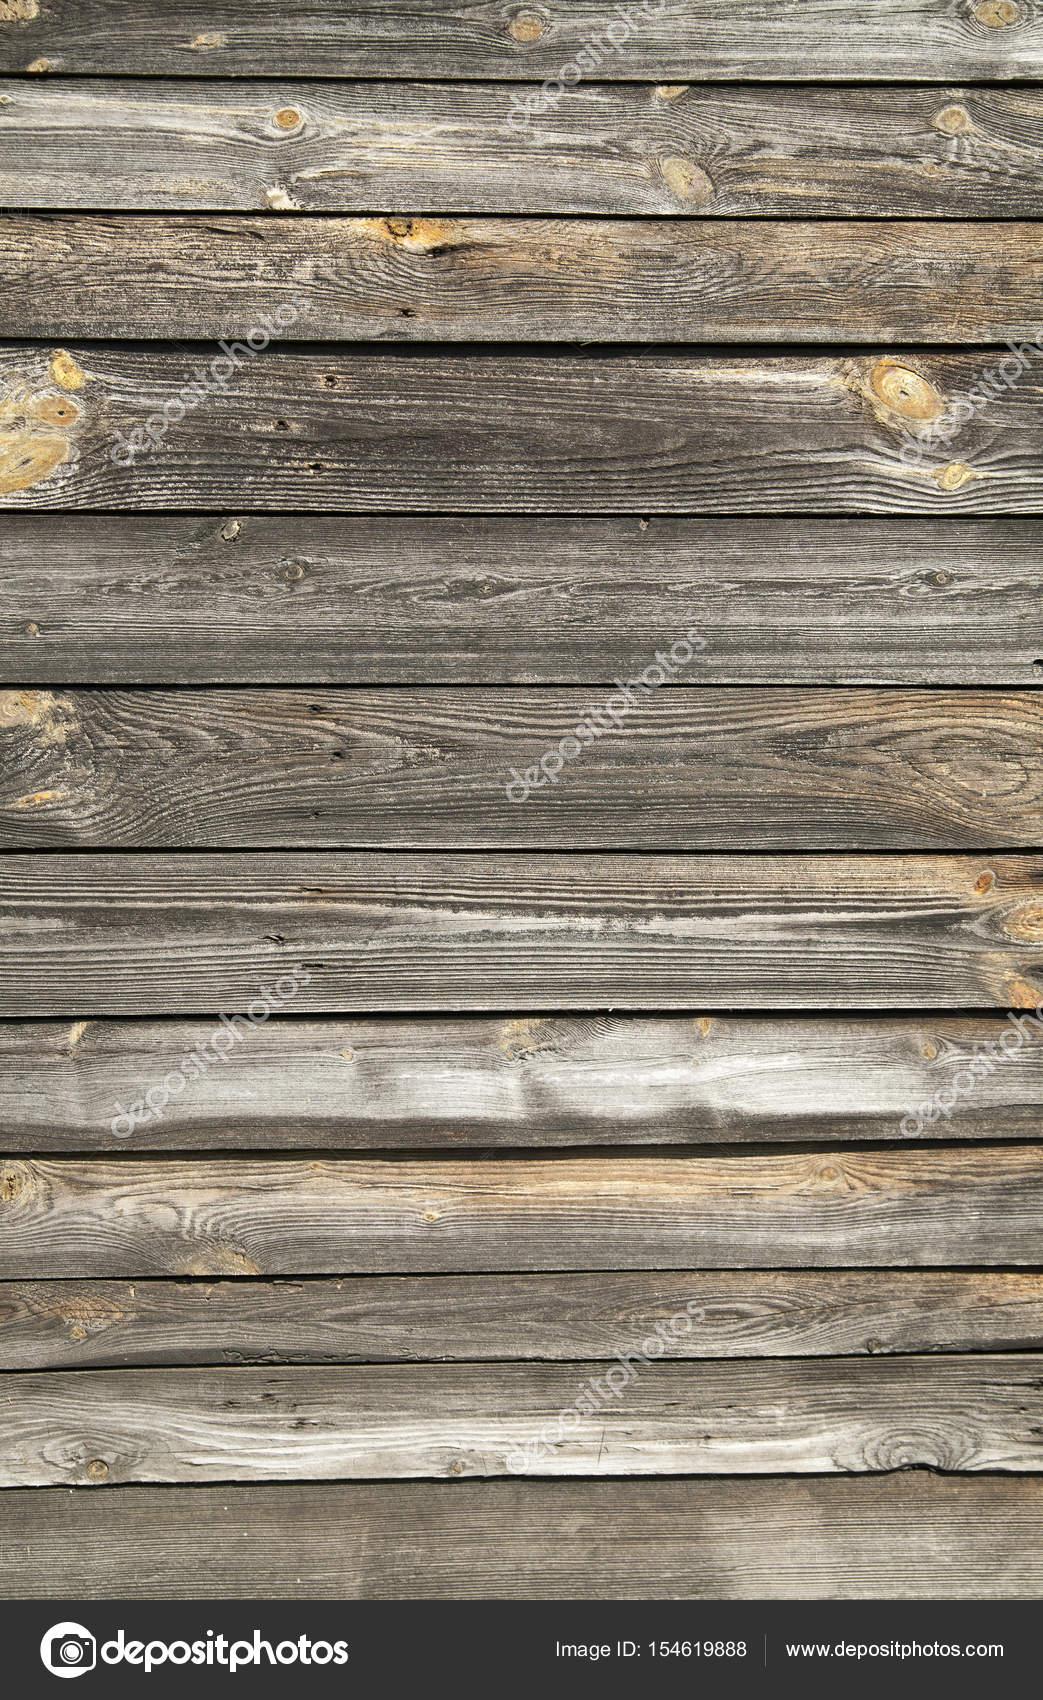 alte holzbohlen — stockfoto © valzan #154619888